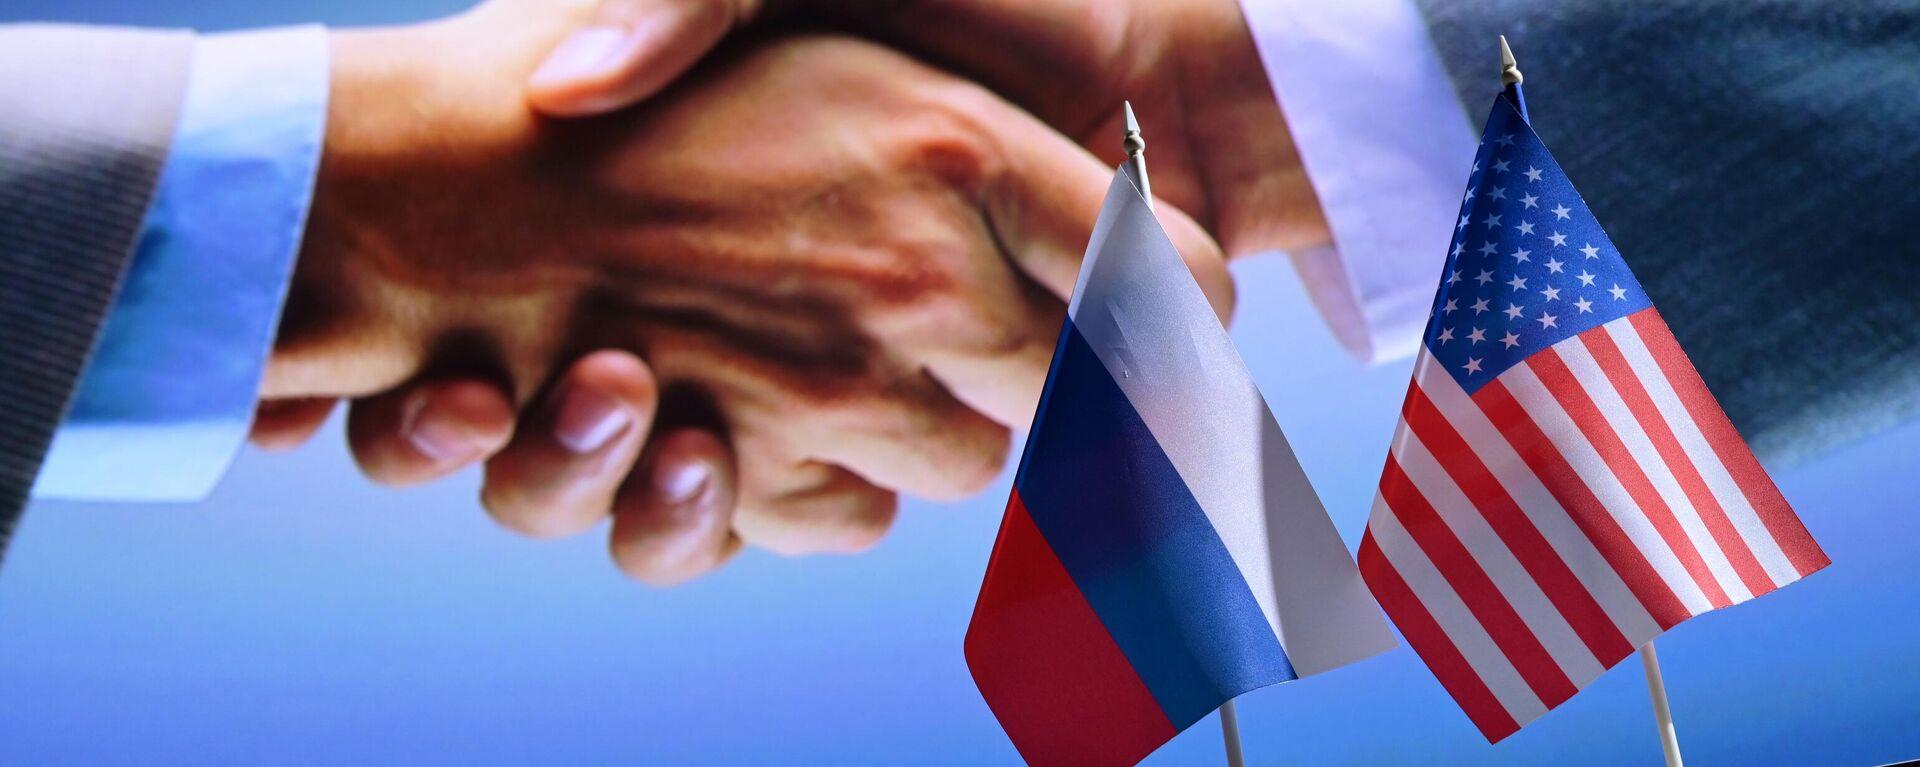 Las banderas de Rusia y EEUU - Sputnik Mundo, 1920, 12.10.2021